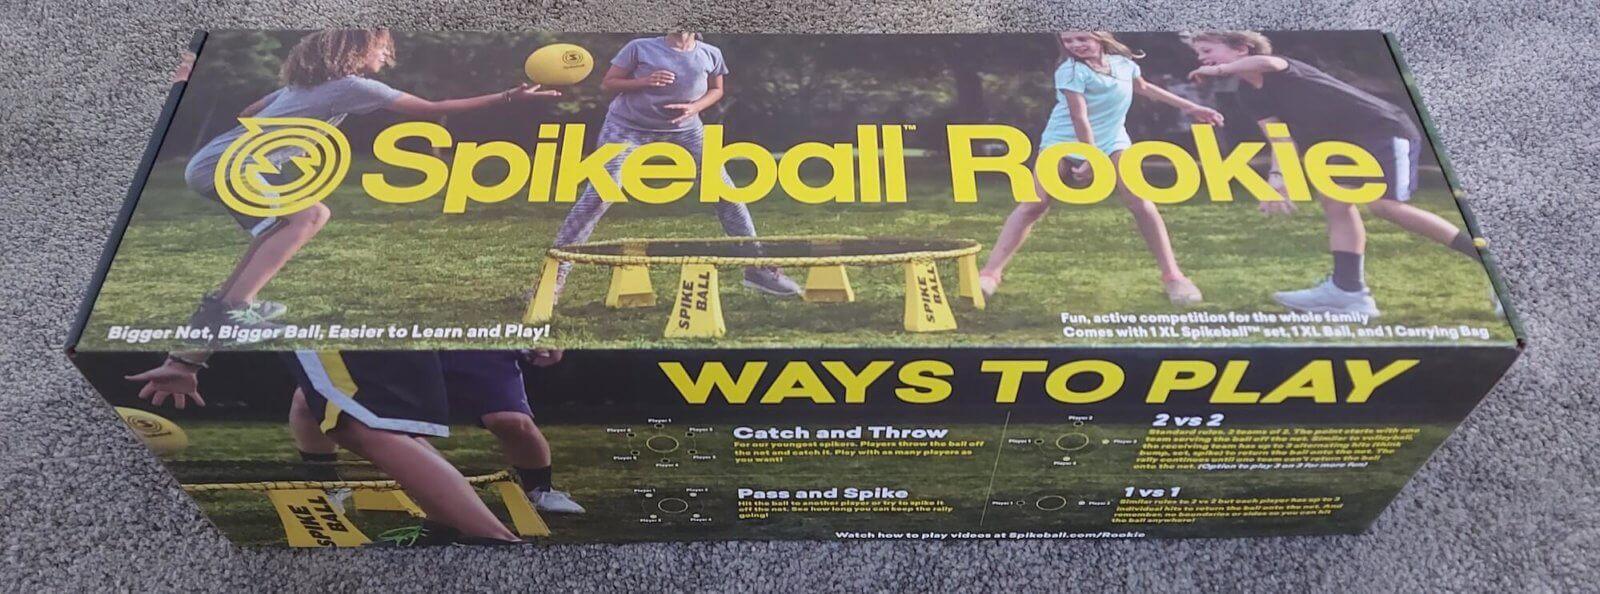 Das Spikeball Rookie Set für Kinder